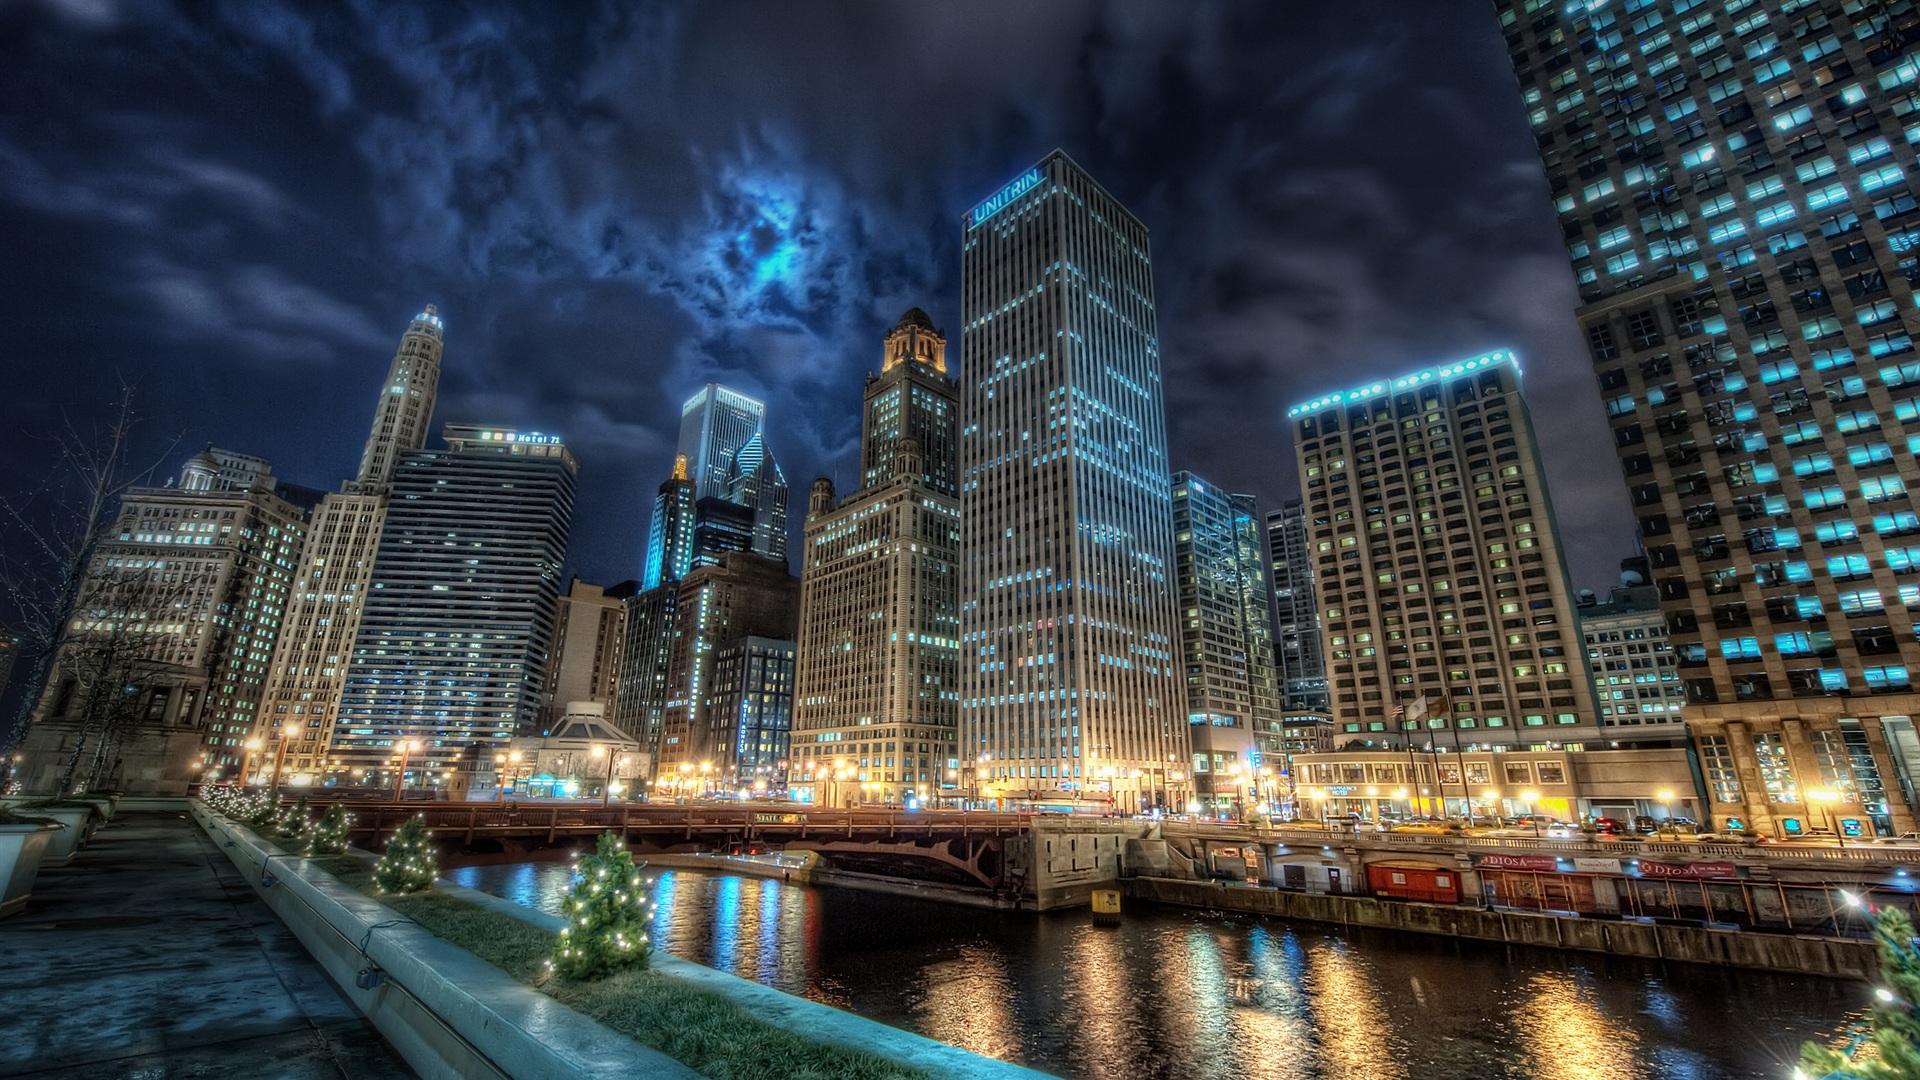 壁紙 シカゴ市内の夜景 2560x1600 Hd 無料のデスクトップの背景 画像